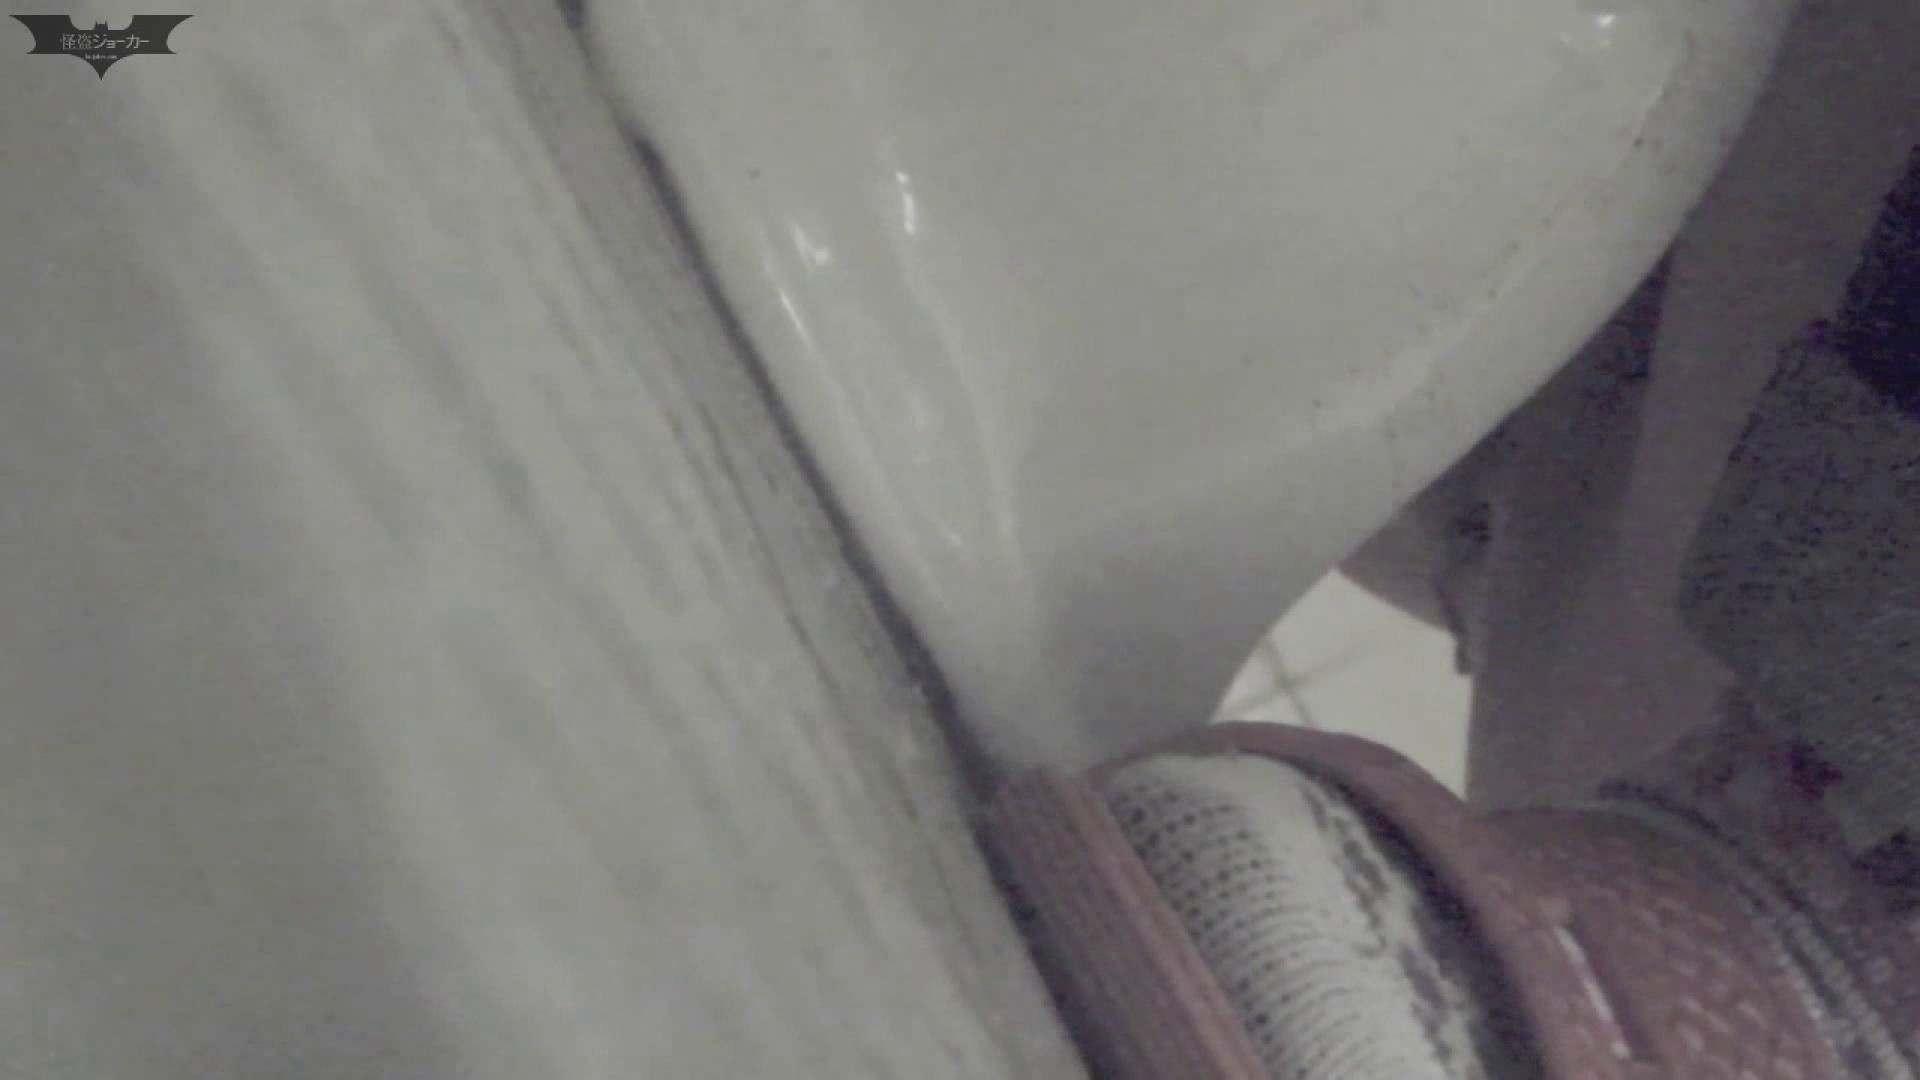 【期間・個数限定配信】 マンコ丸見え!第三体育館潜入撮File001 期間限定   マンコ特集  77連発 44